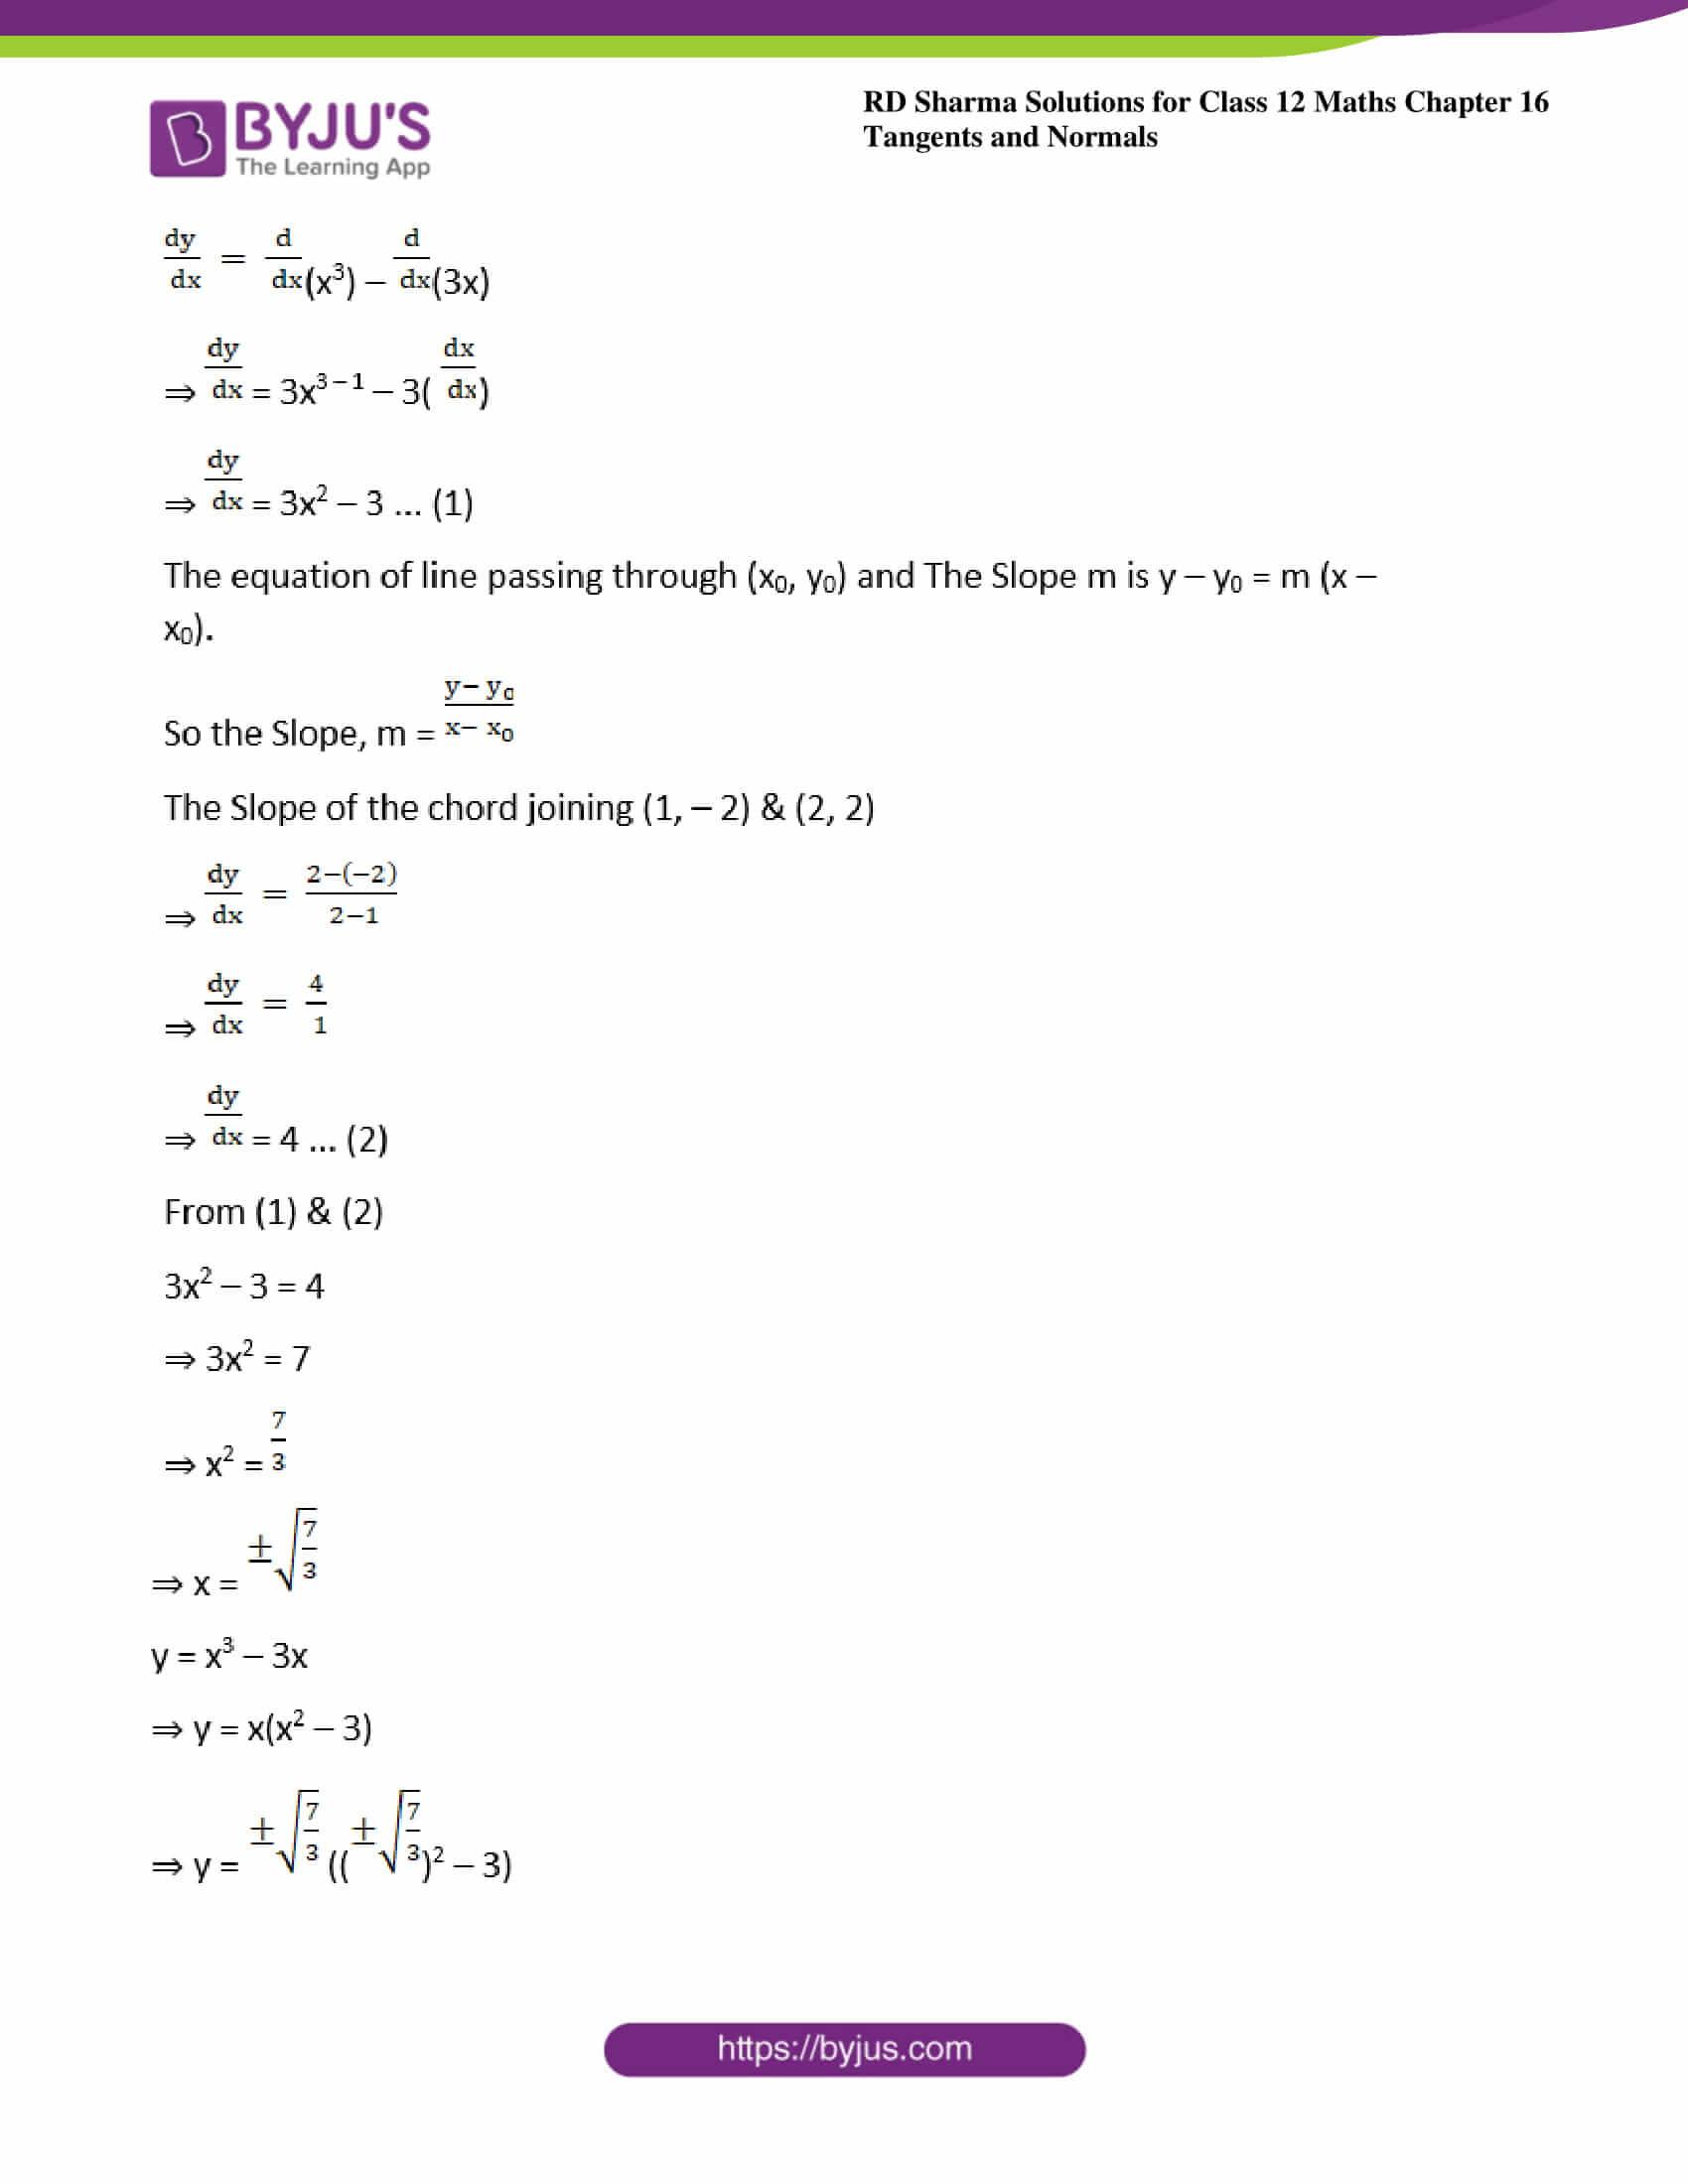 rd sharma class 12 maths solutions chapter 16 ex 1 18